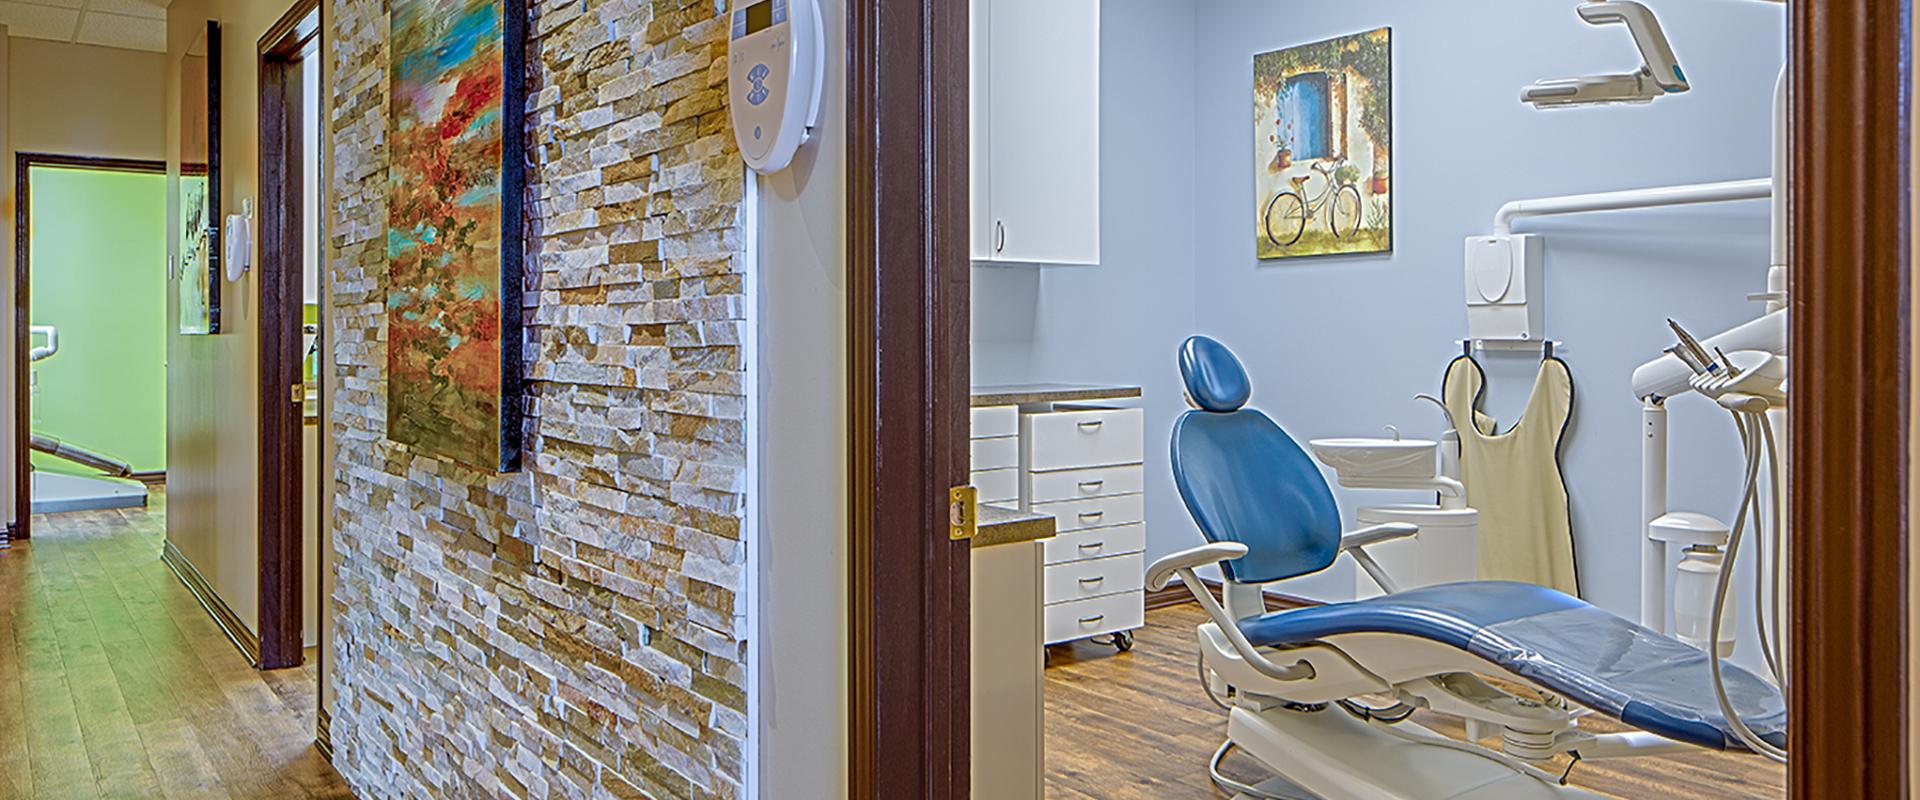 Visitez notre clinique